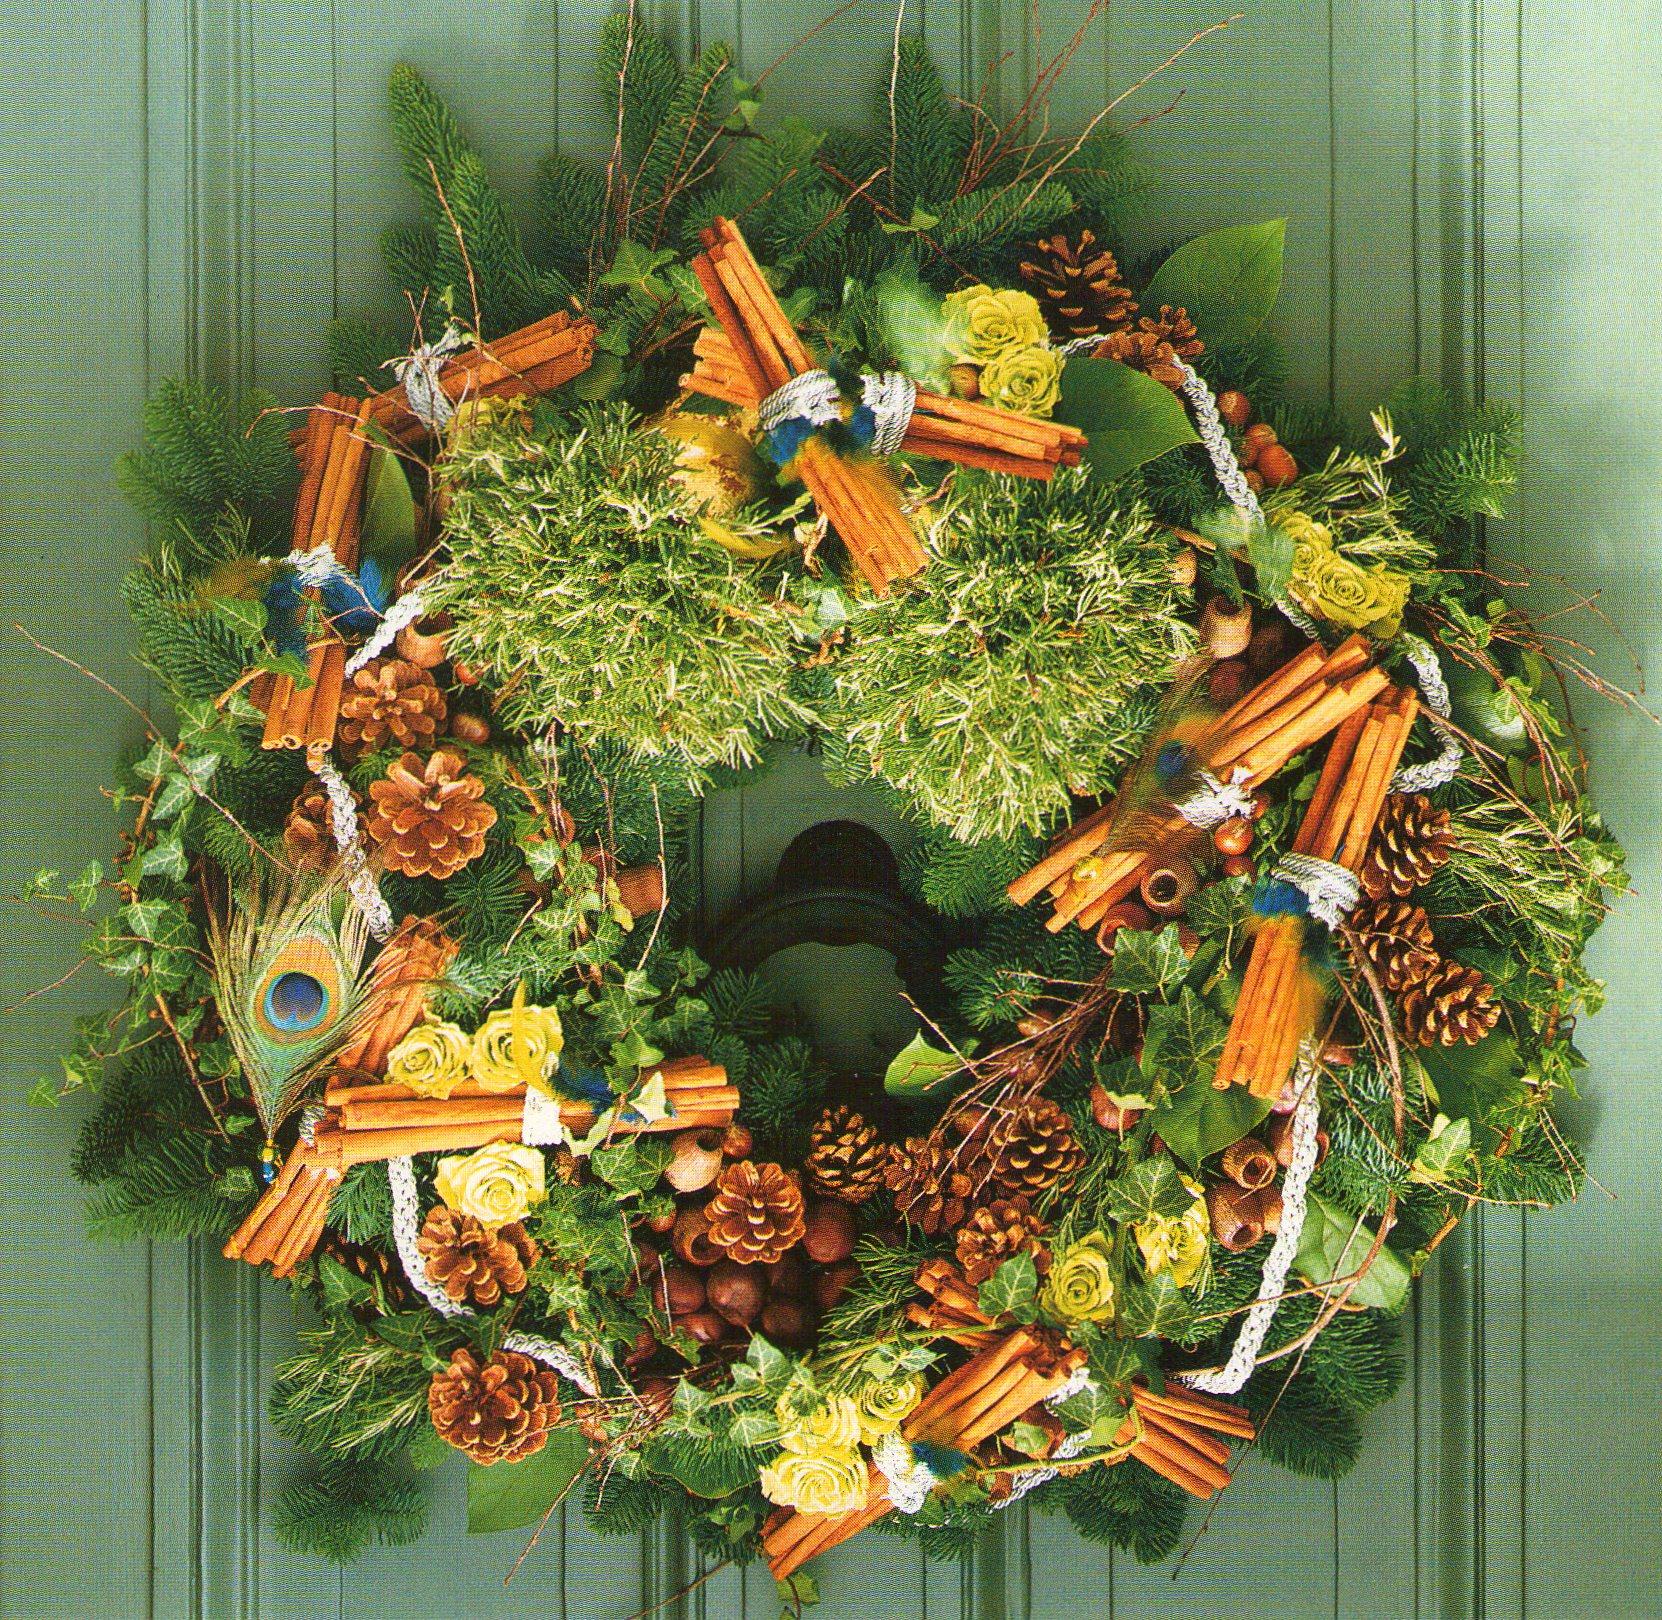 Arreglos florales arreglos navide os la casita el valor interior - Arreglos navidenos para la casa ...